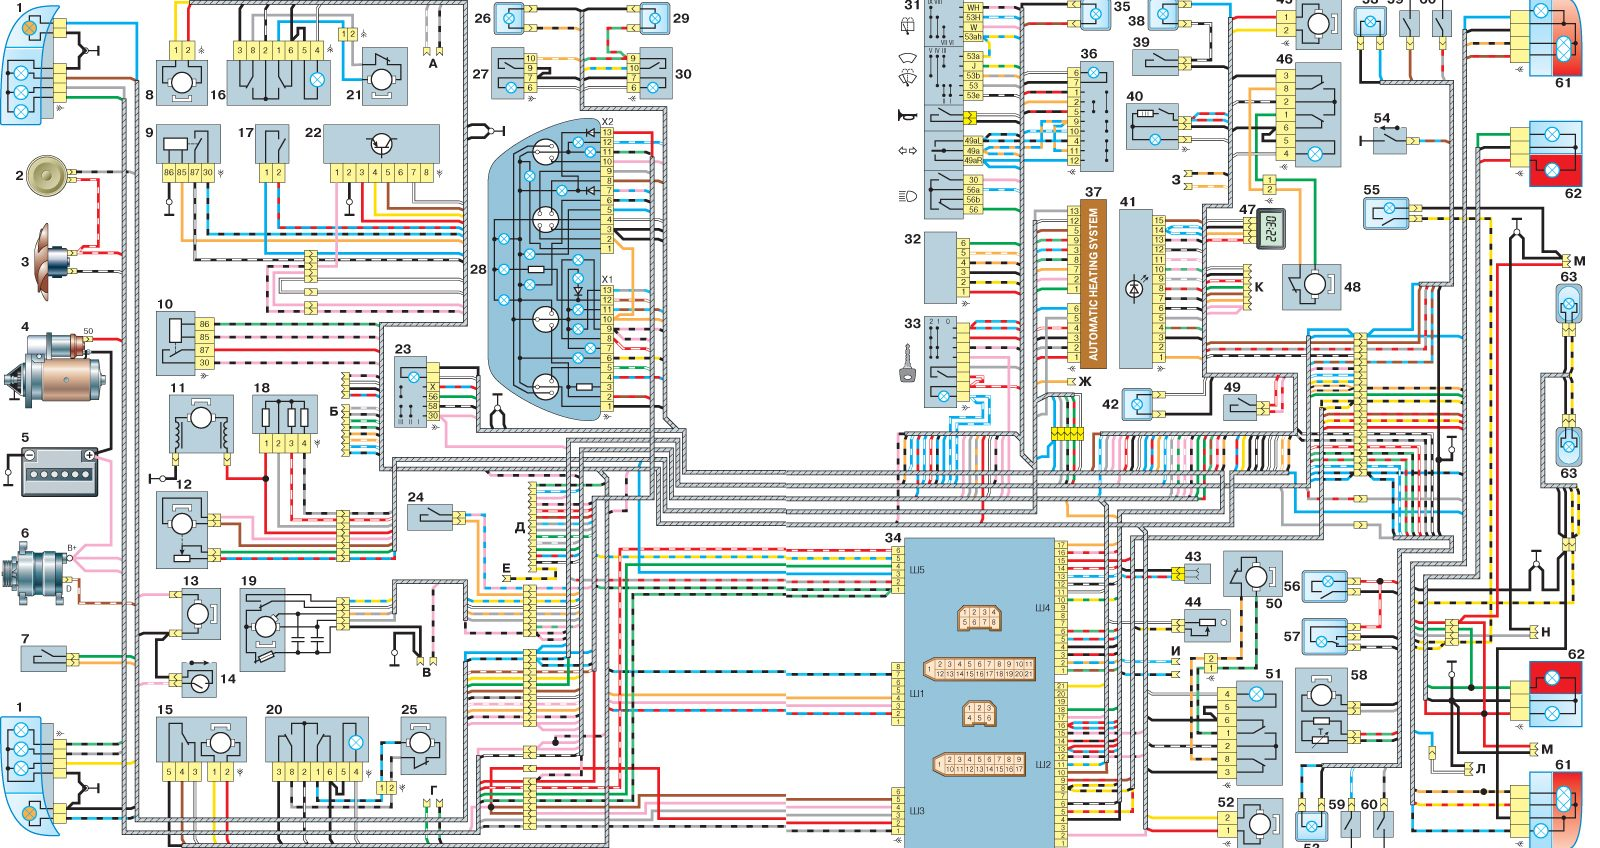 """Схема электрооборудования автомобиля с кузовом  """"седан """" (кроме узлов и деталей системы впрыска) ."""